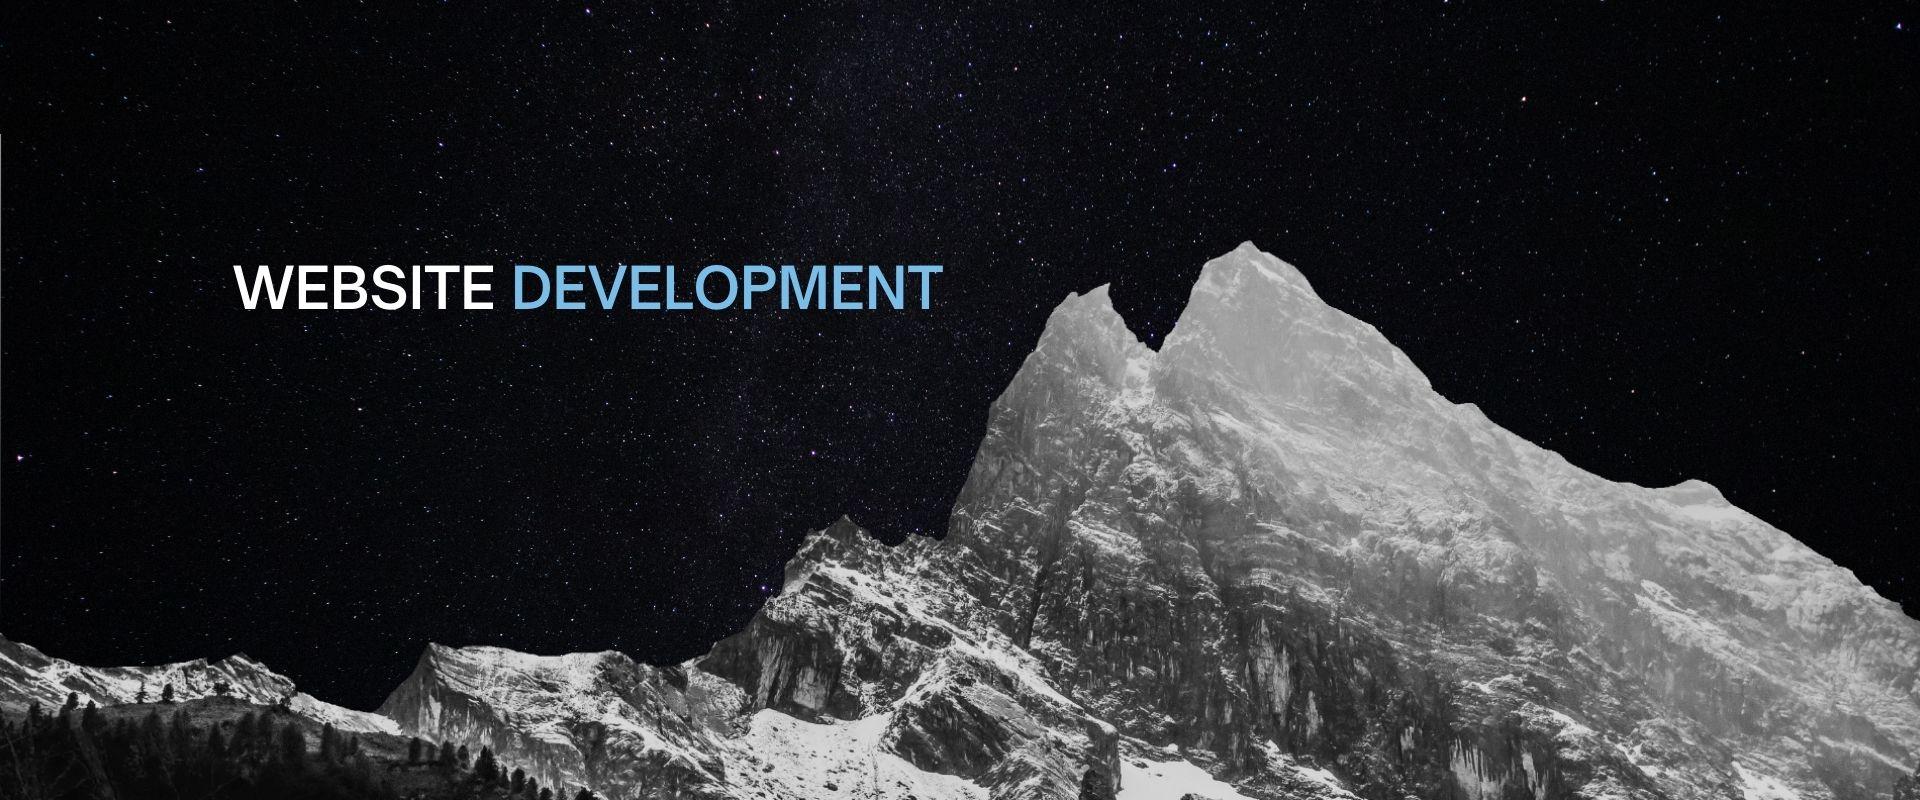 Website Development in Kalamazoo, MI